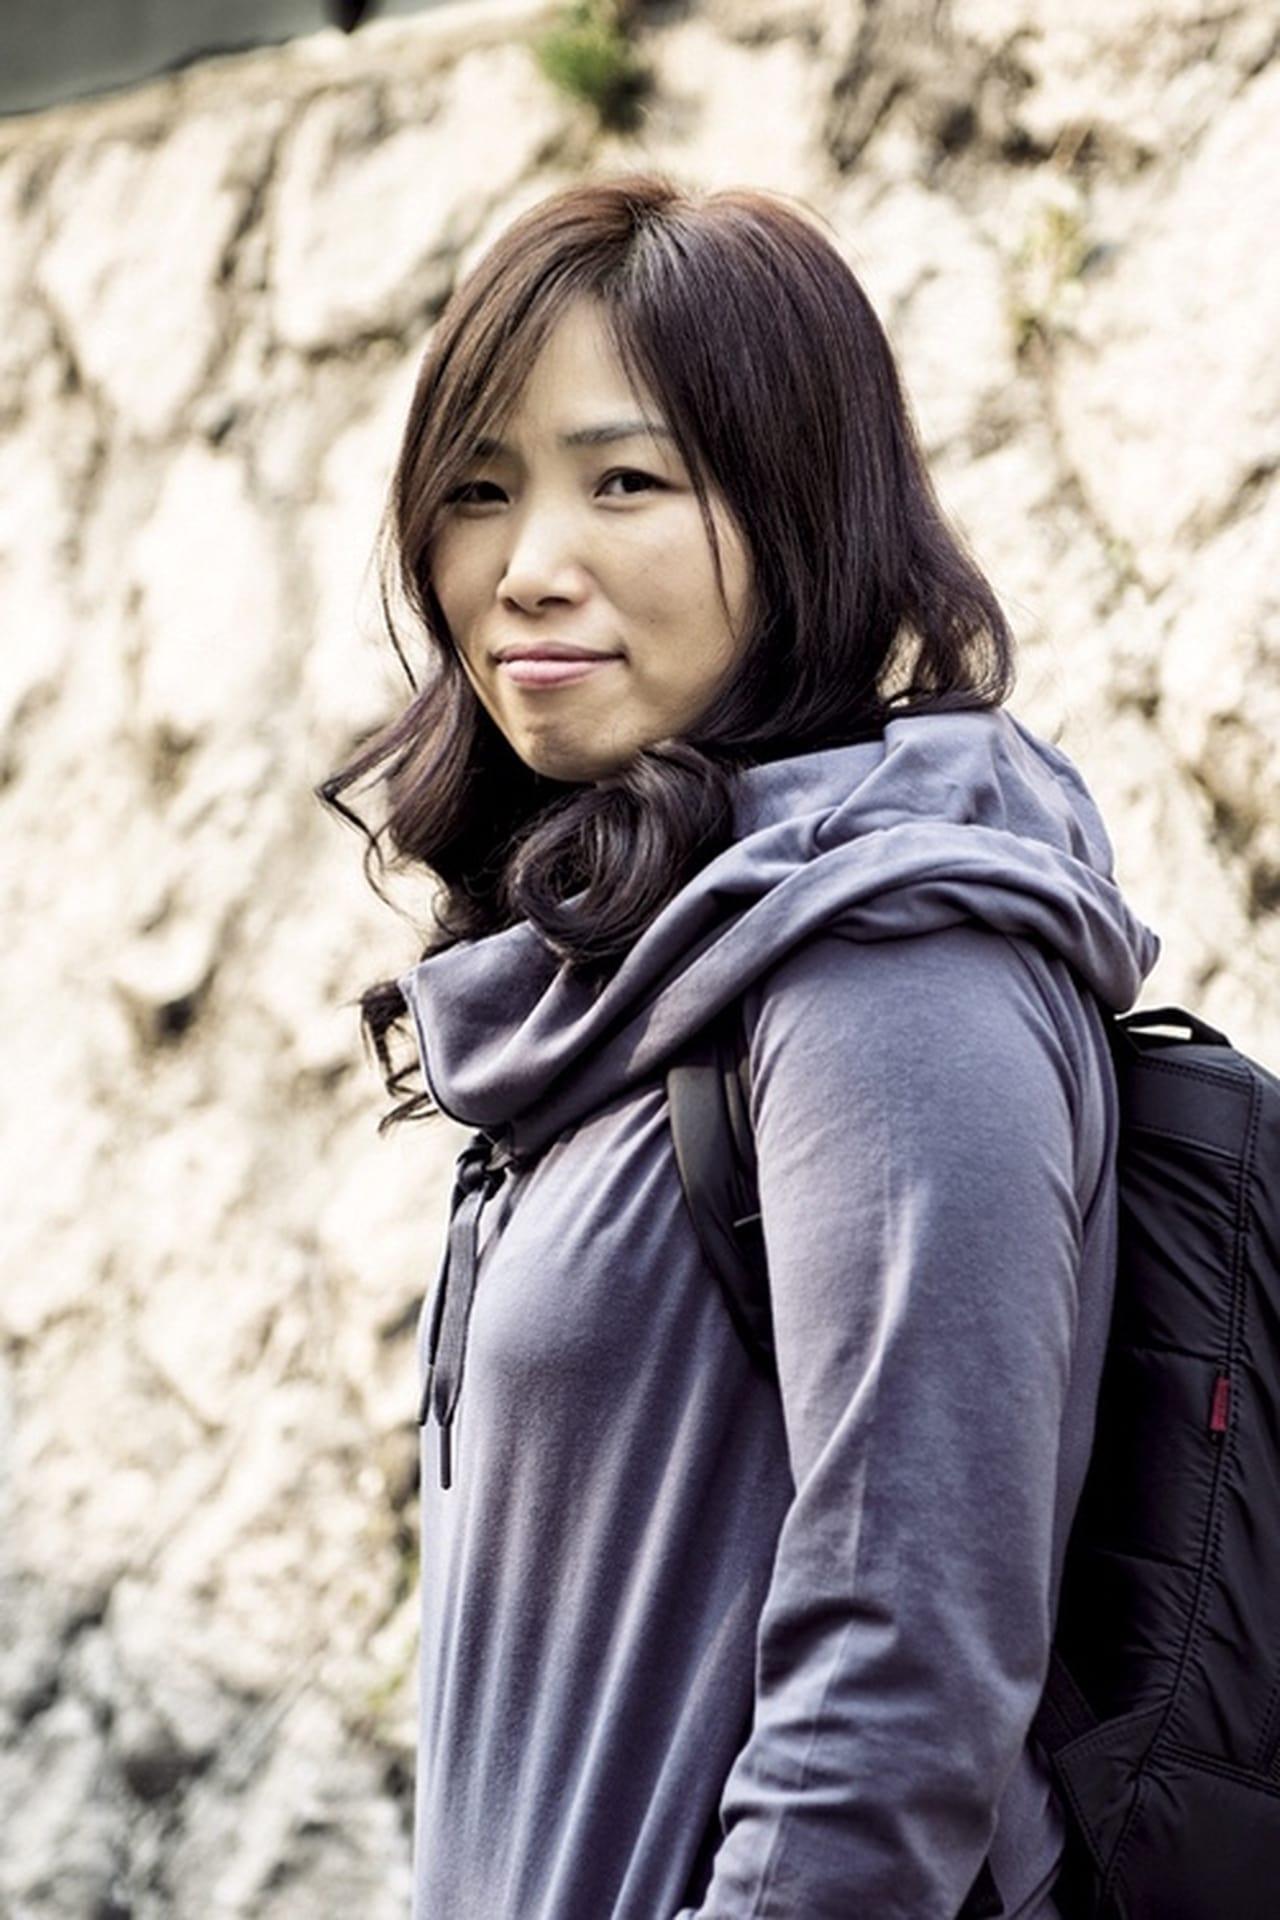 Shin Jeom-hee